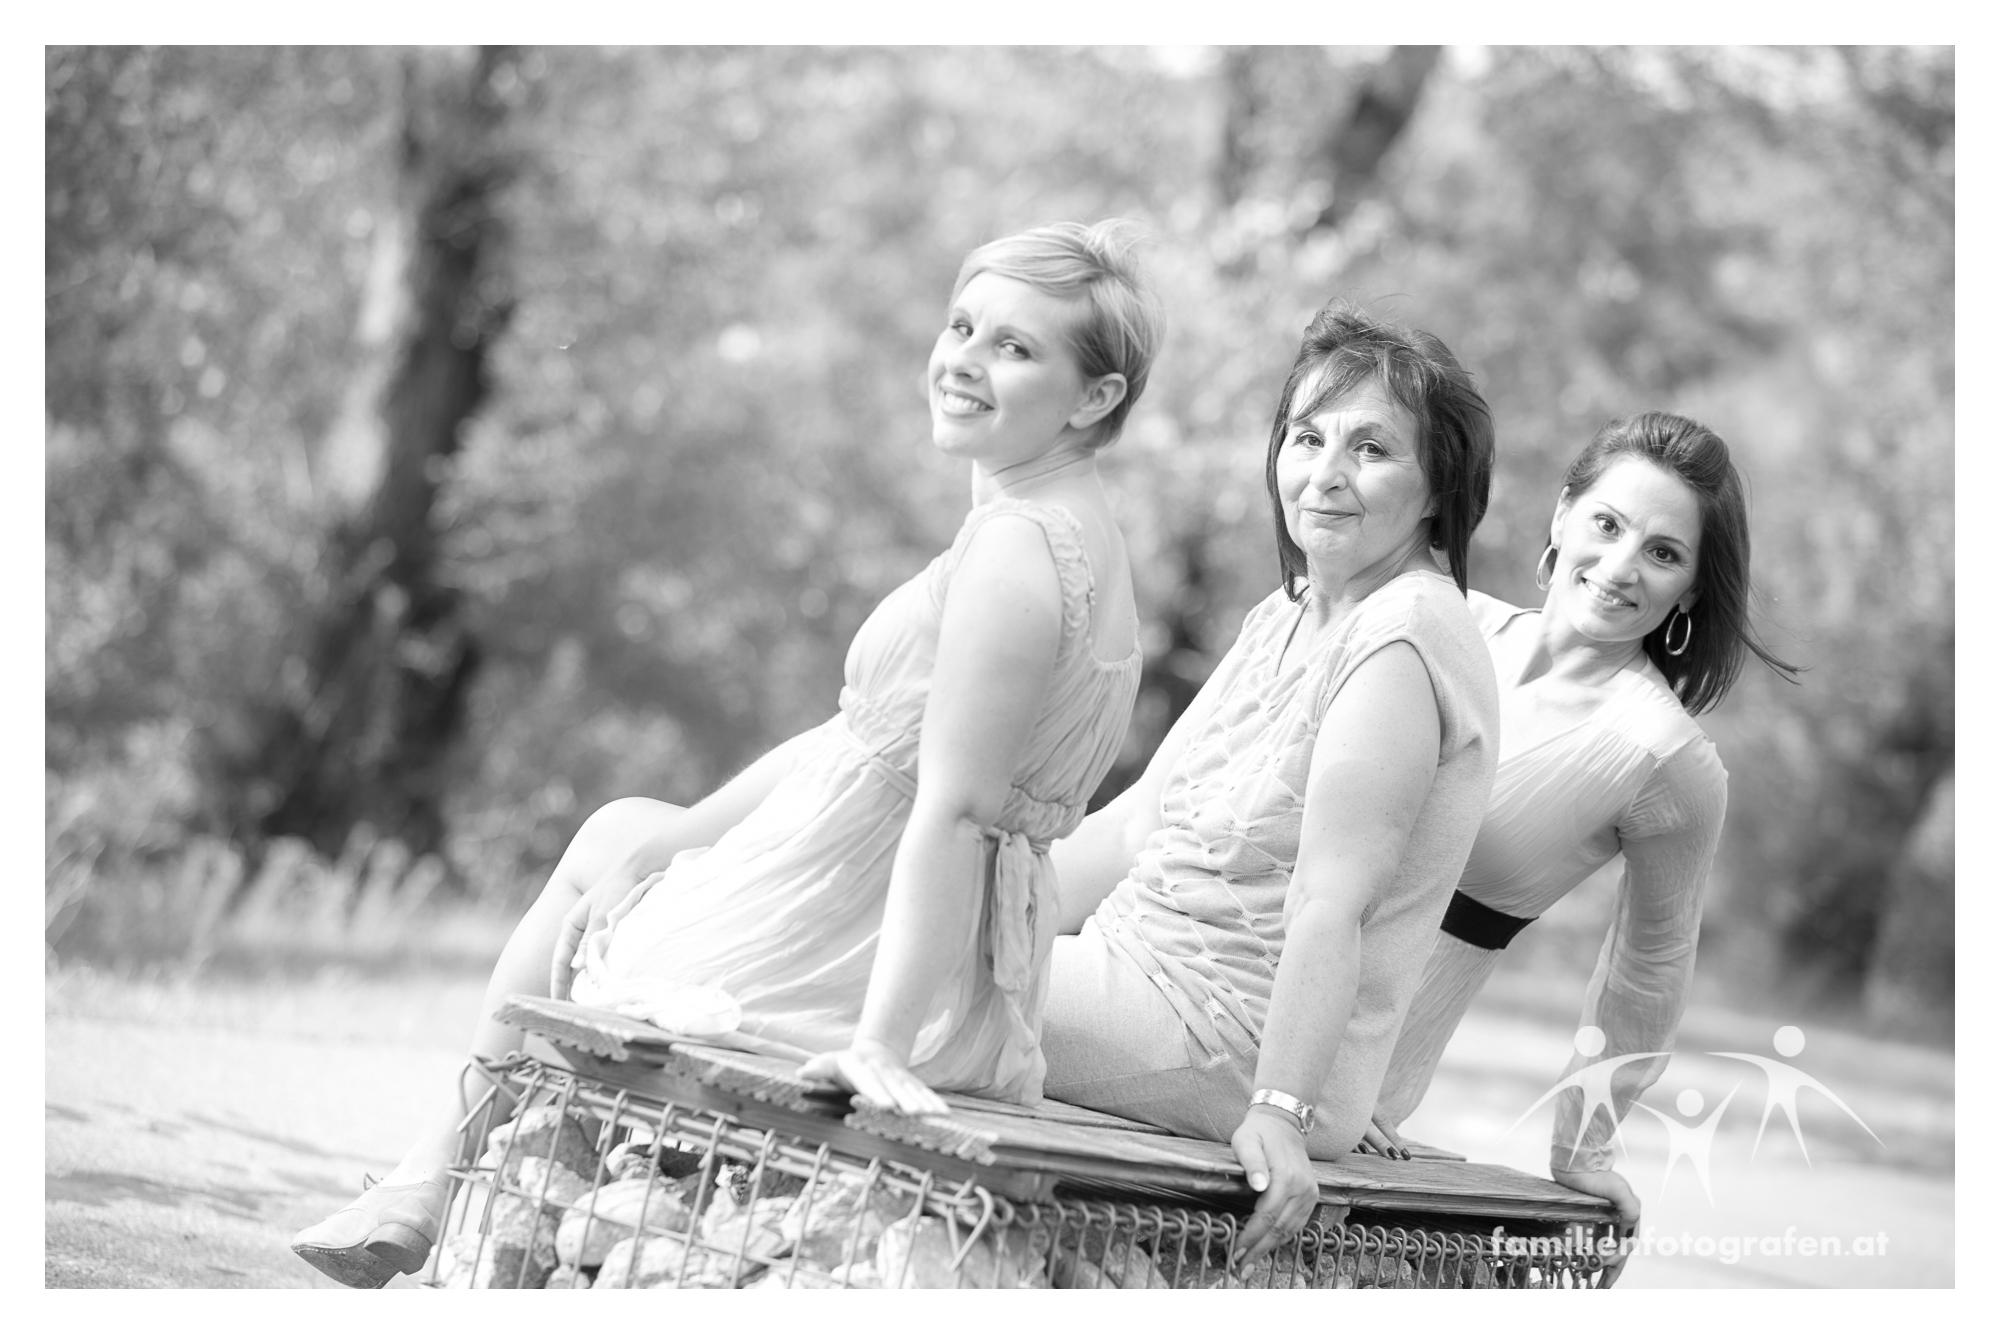 Familienfotos als Geschenk zum 60. Geburtstag